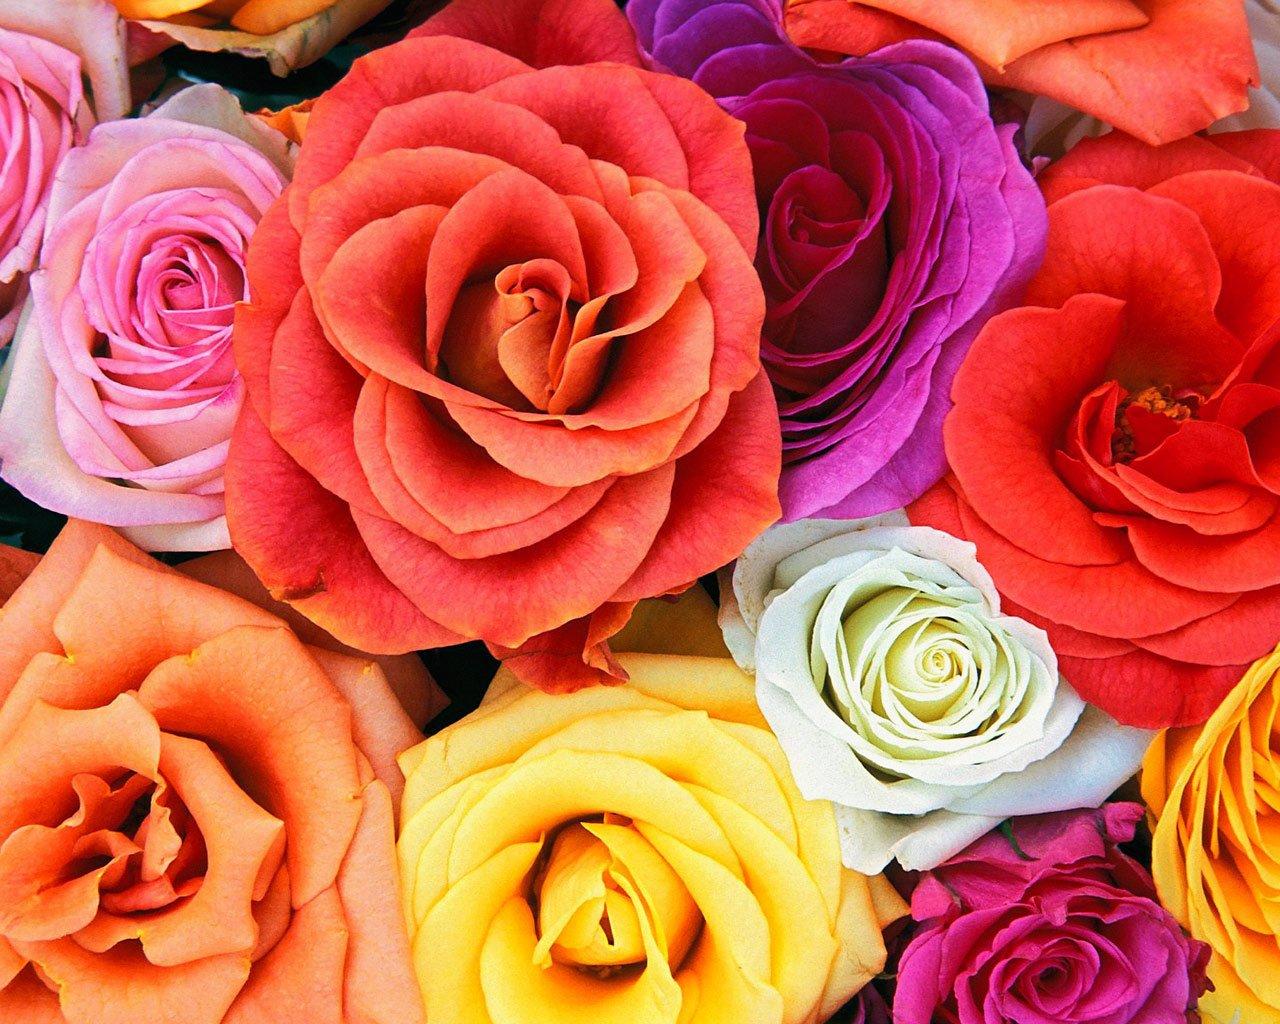 lovebloomsrosesbunchofflowers.jpg